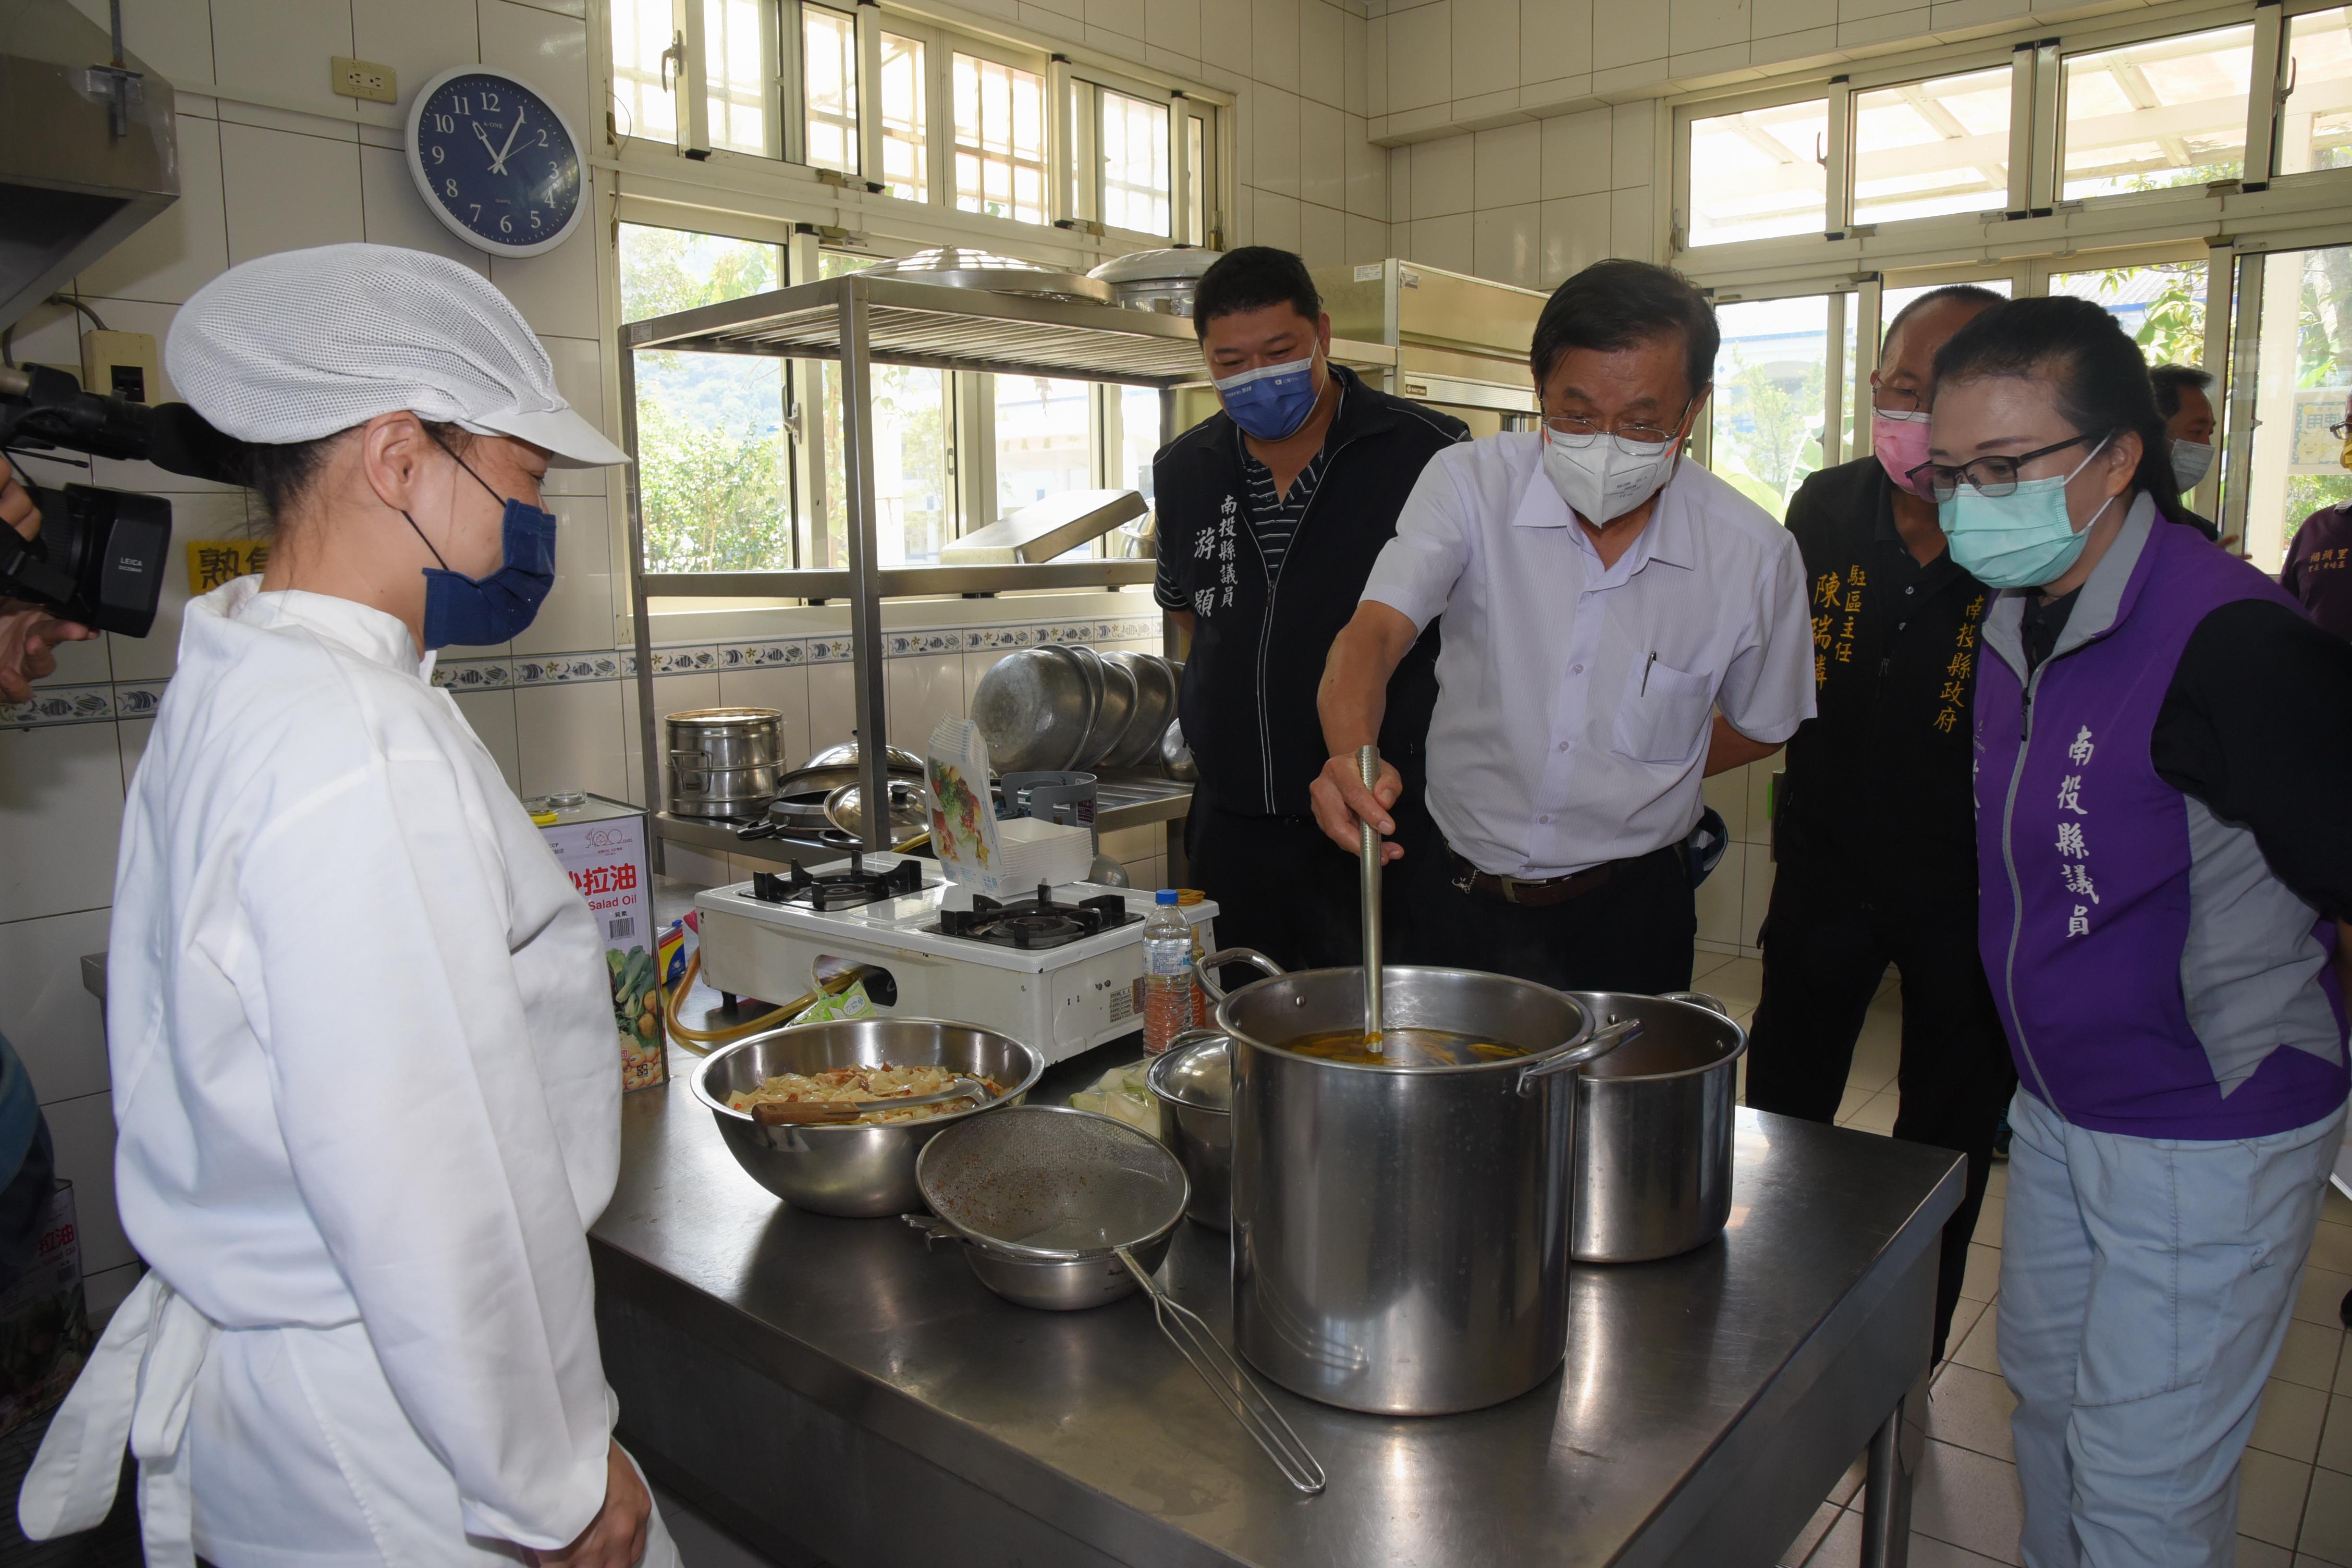 (開新視窗)連至 提高校廚待遇      二百多人受益 完整照片